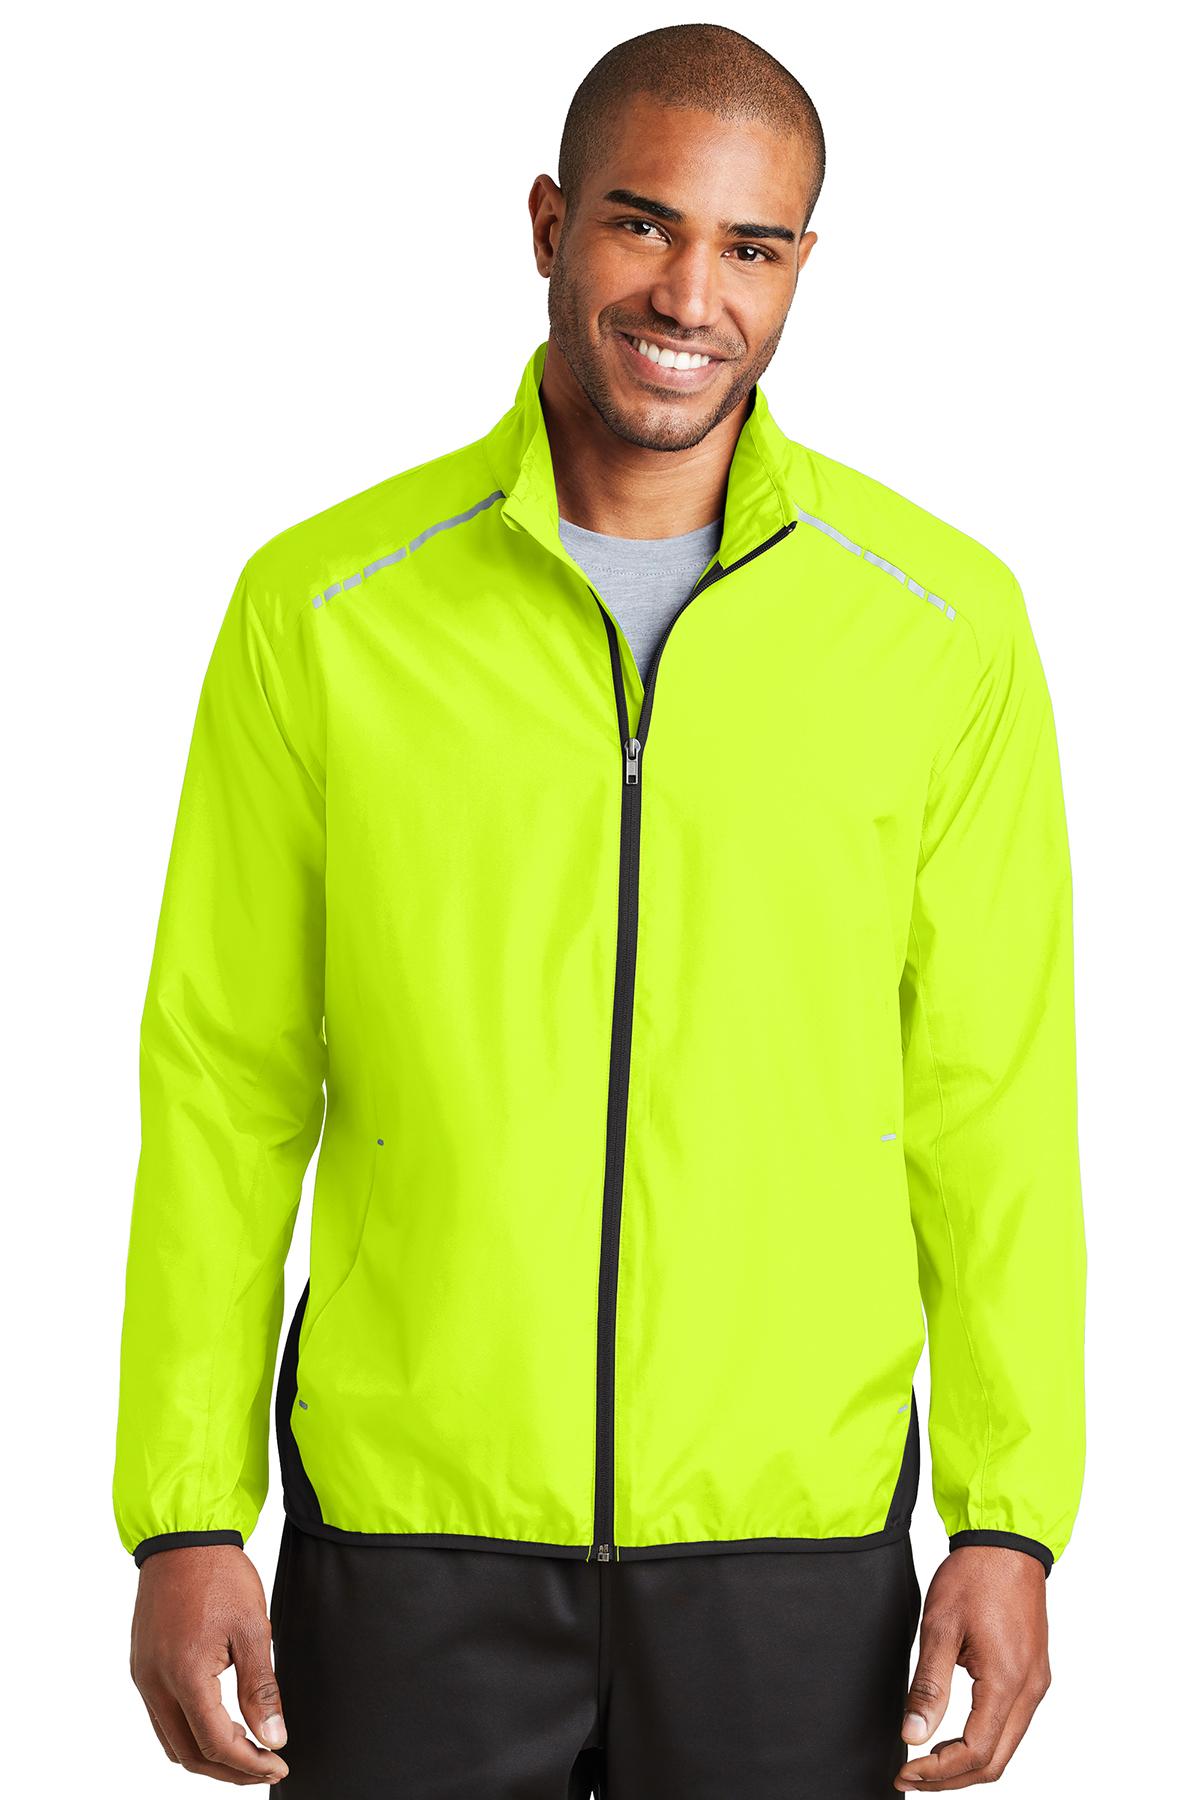 be80dd6b4838 Port Authority® Zephyr Reflective Hit Full-Zip Jacket